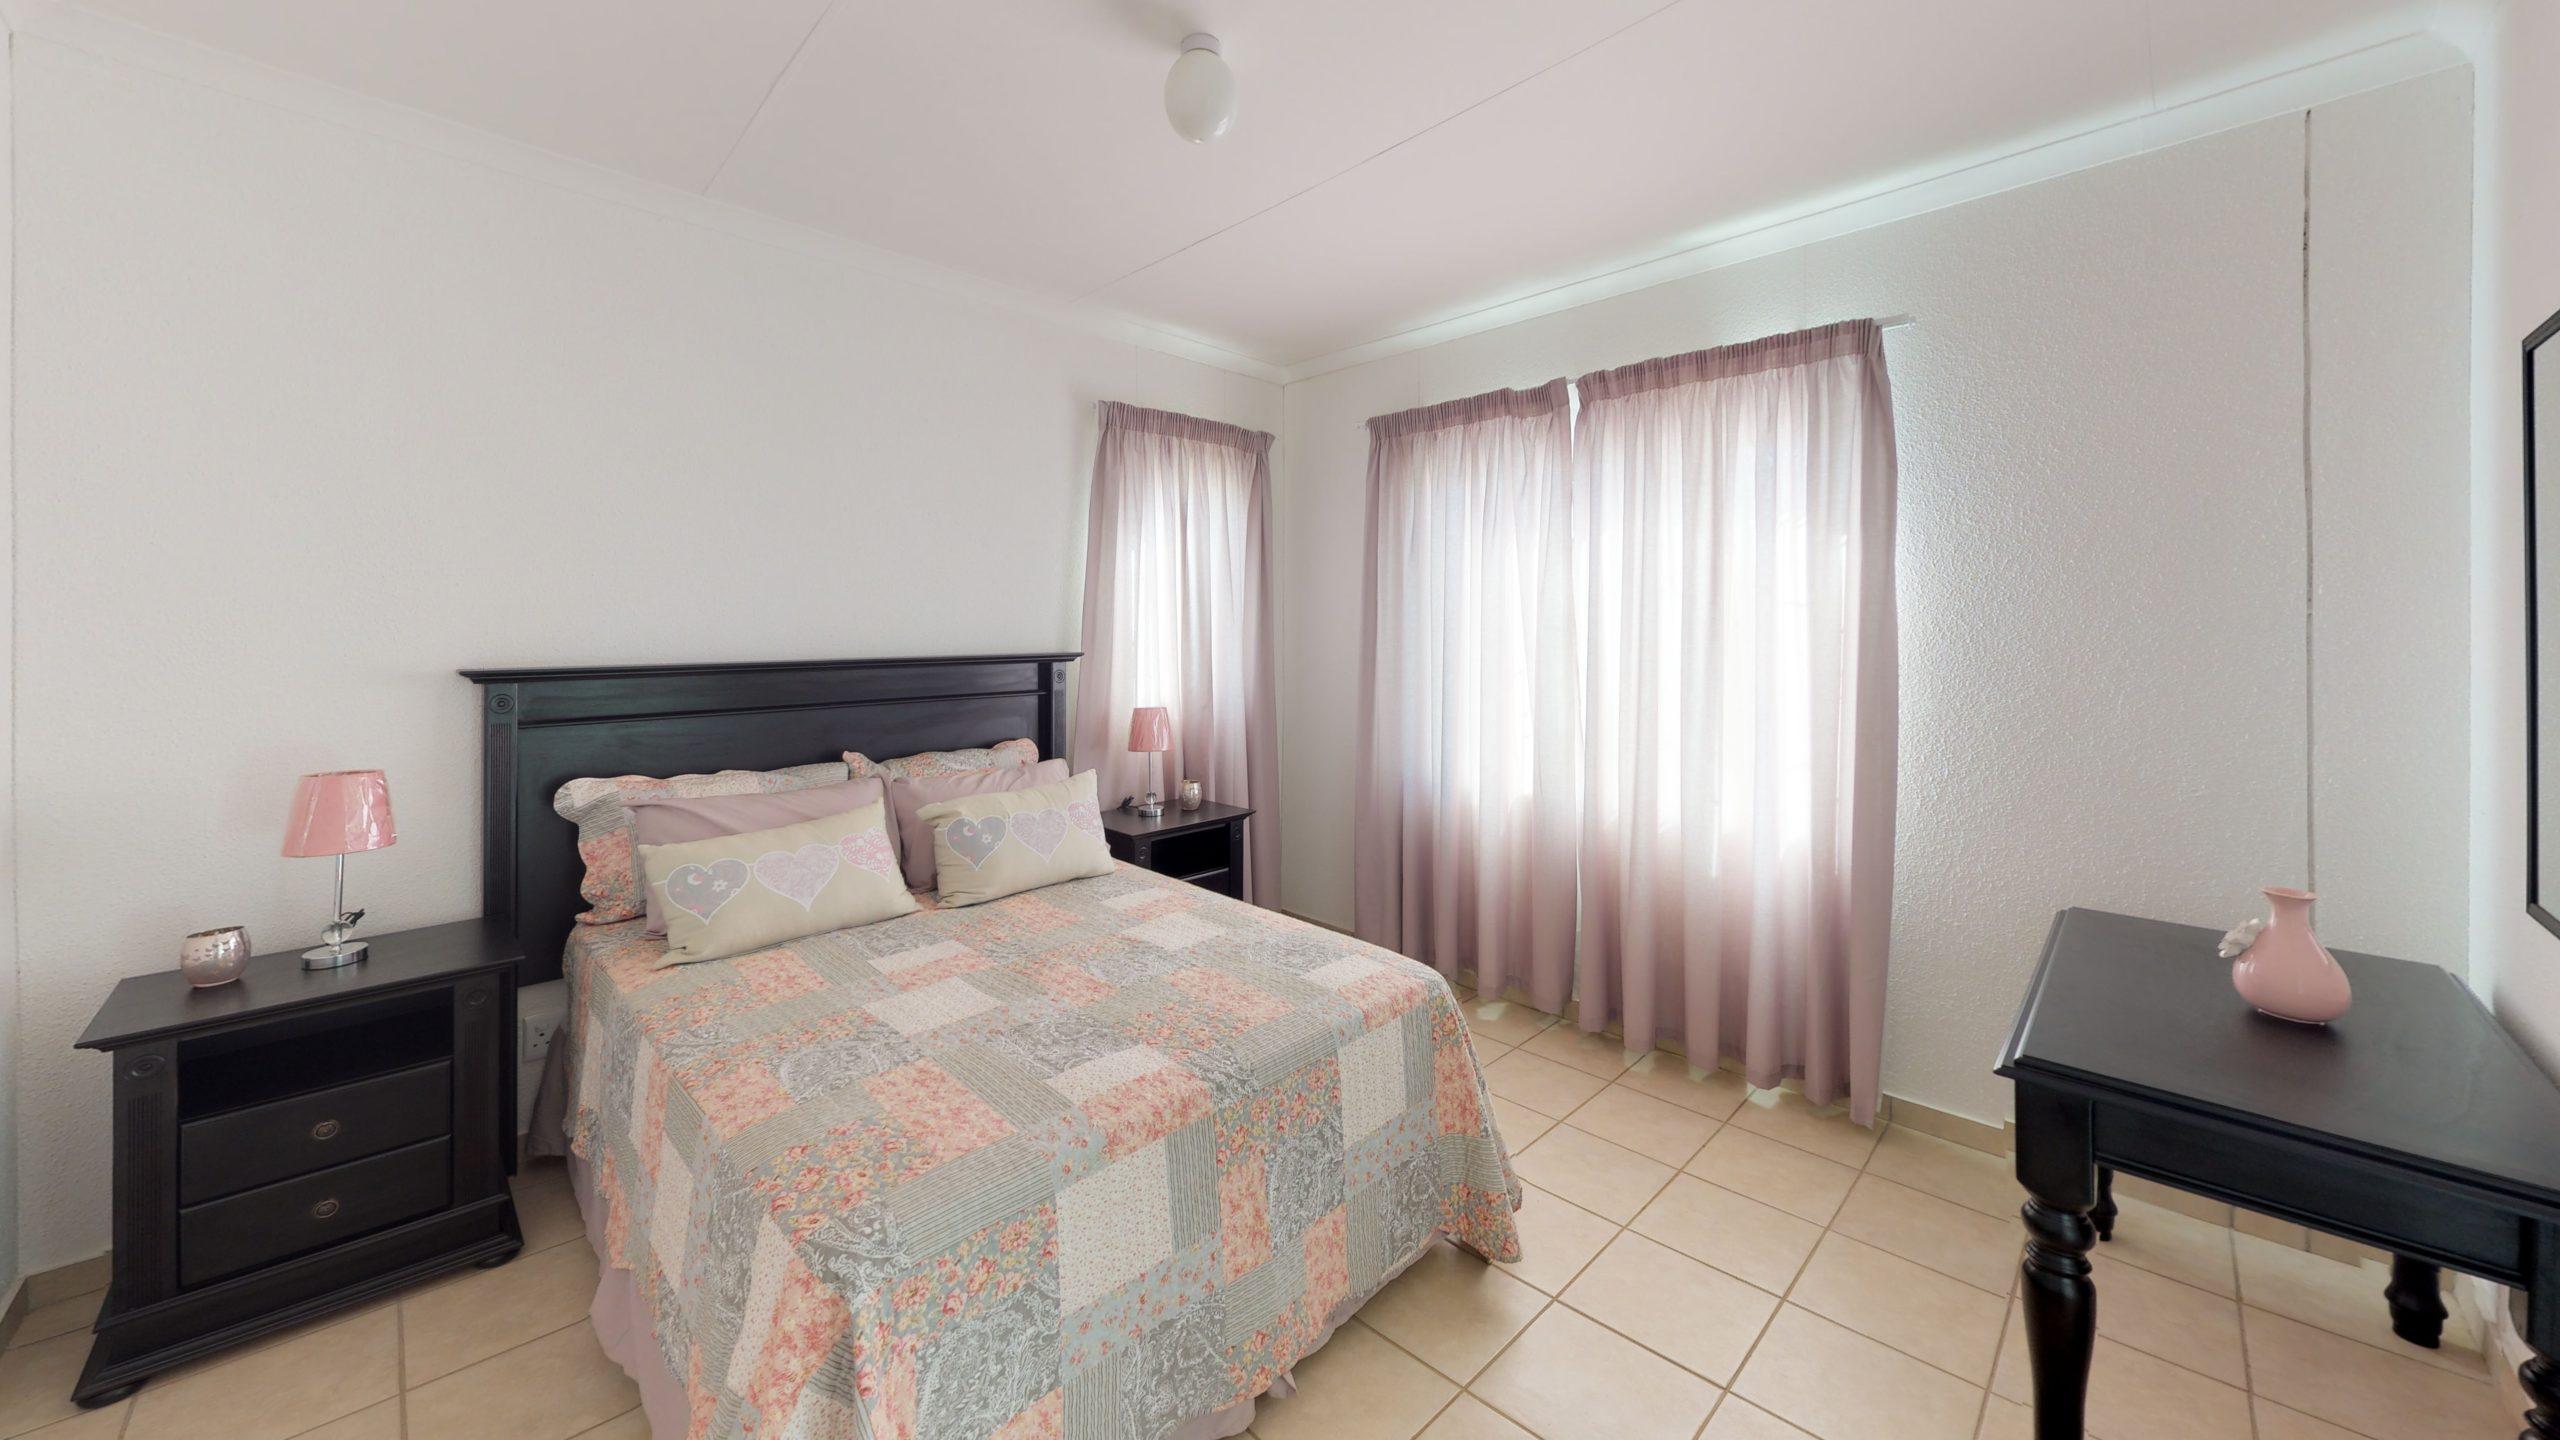 Savanna City, Homes for Sale in Walkersville, Gauteng - Bedroom